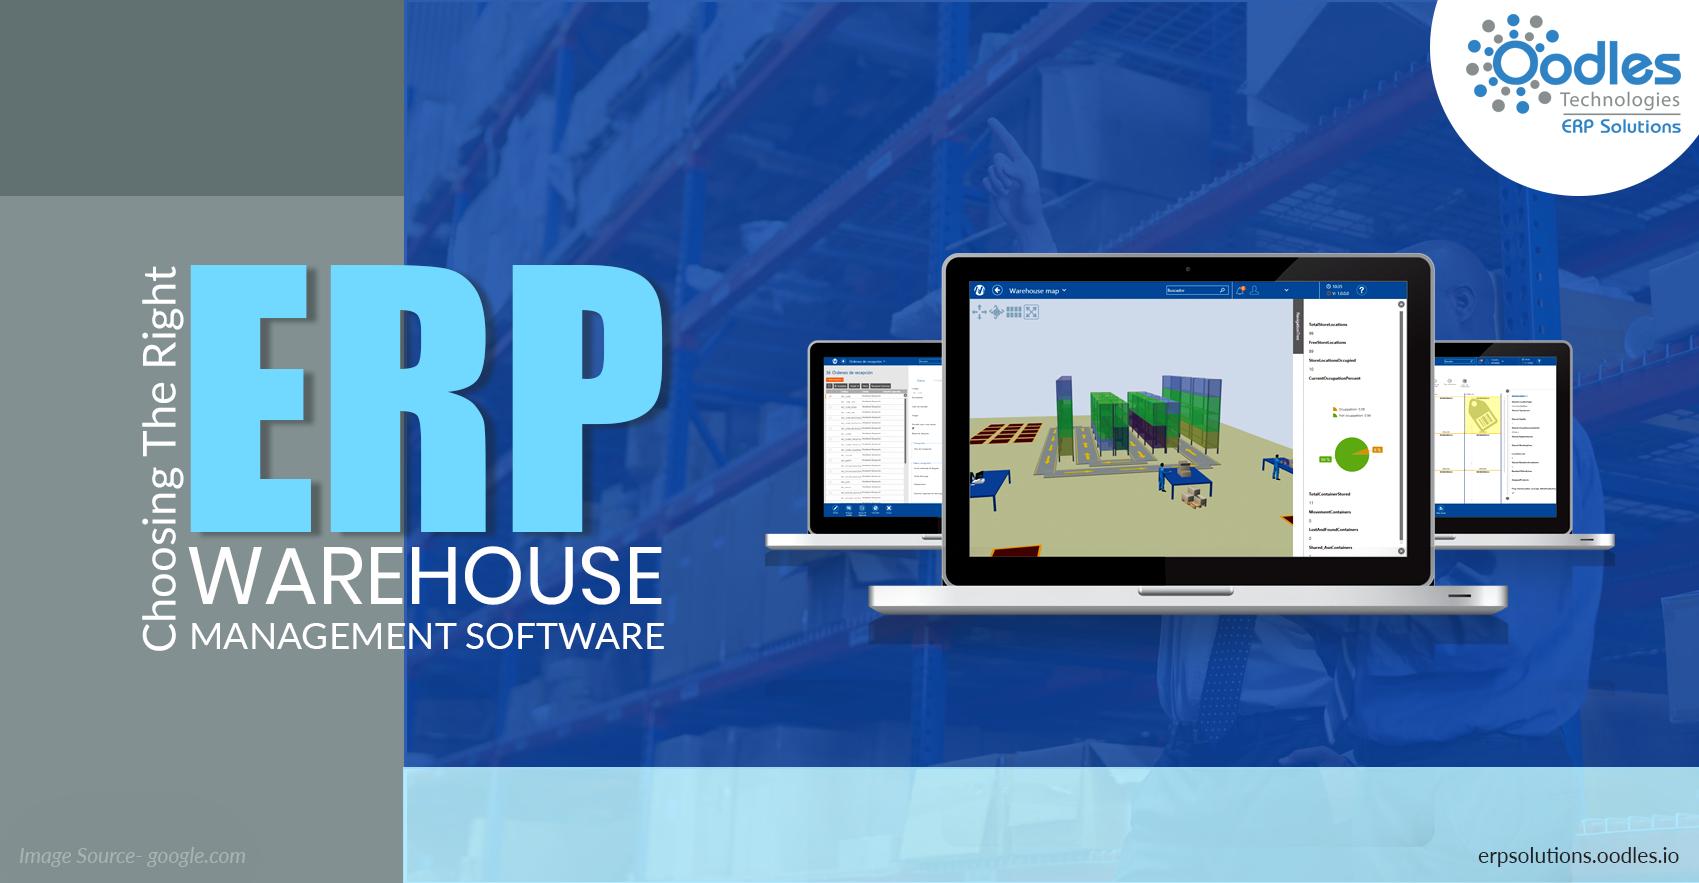 ERP warehouse management software